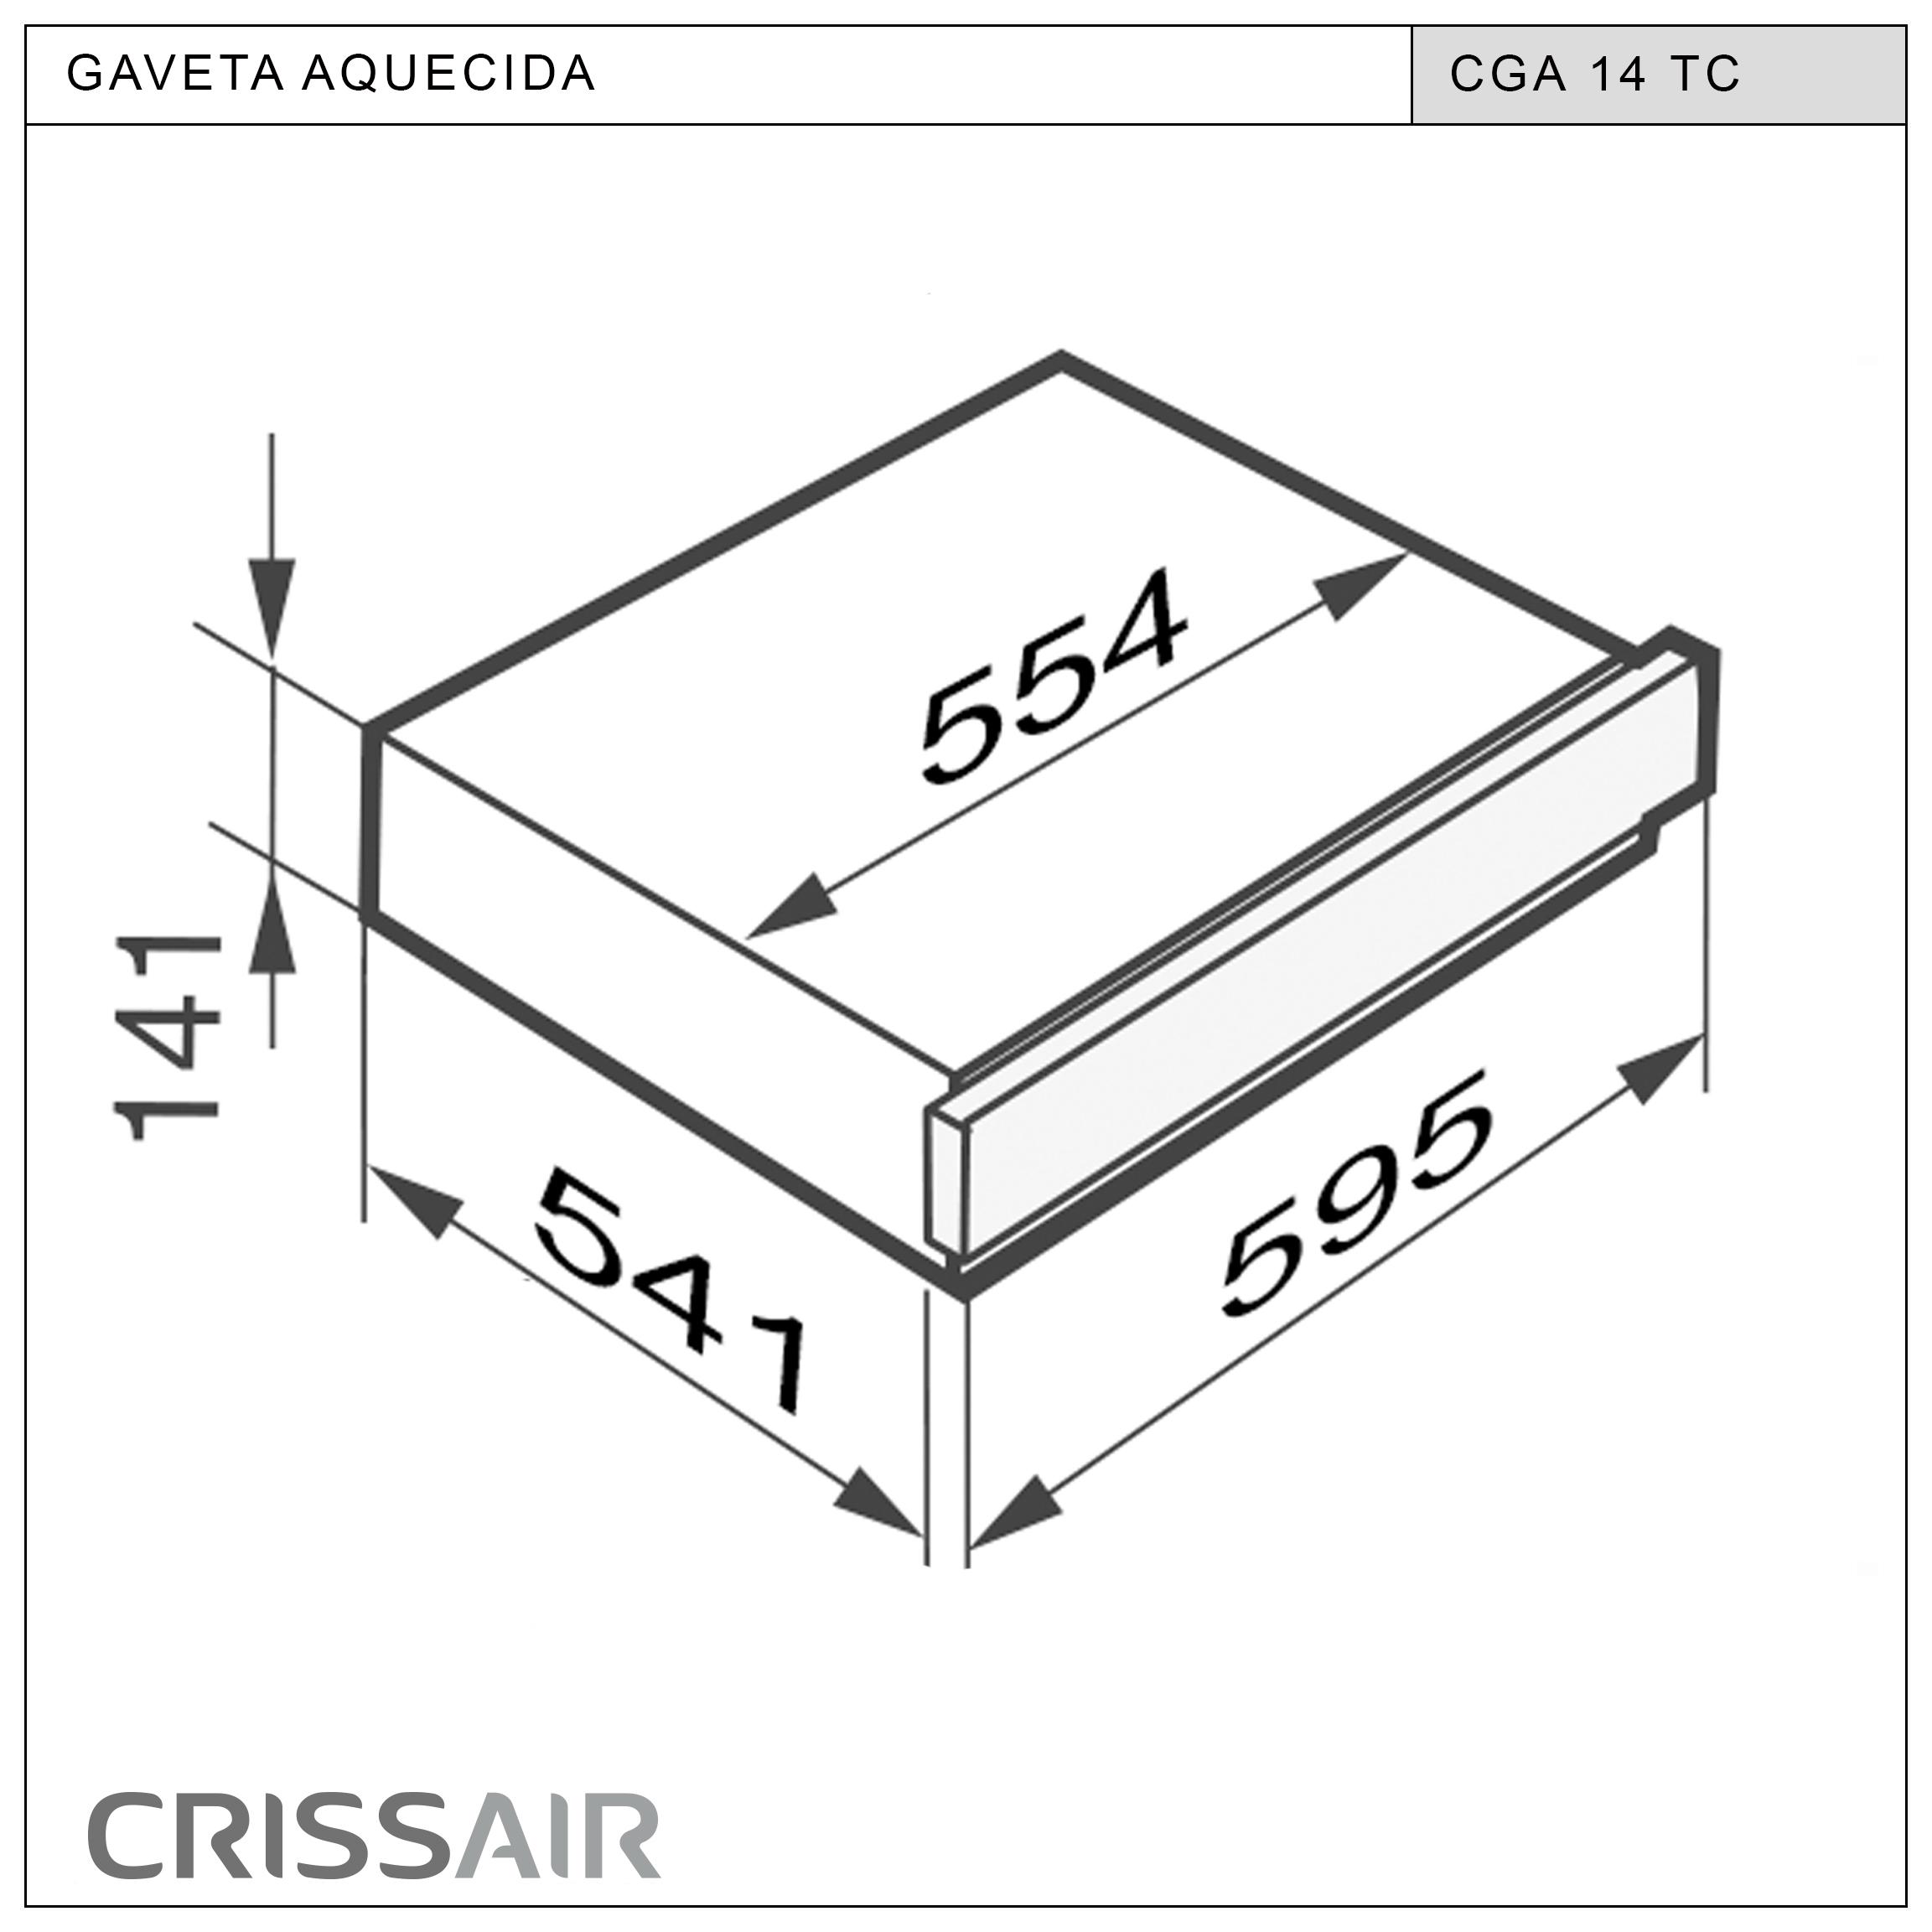 GAVETA AQUECIDA CGA 14 TC